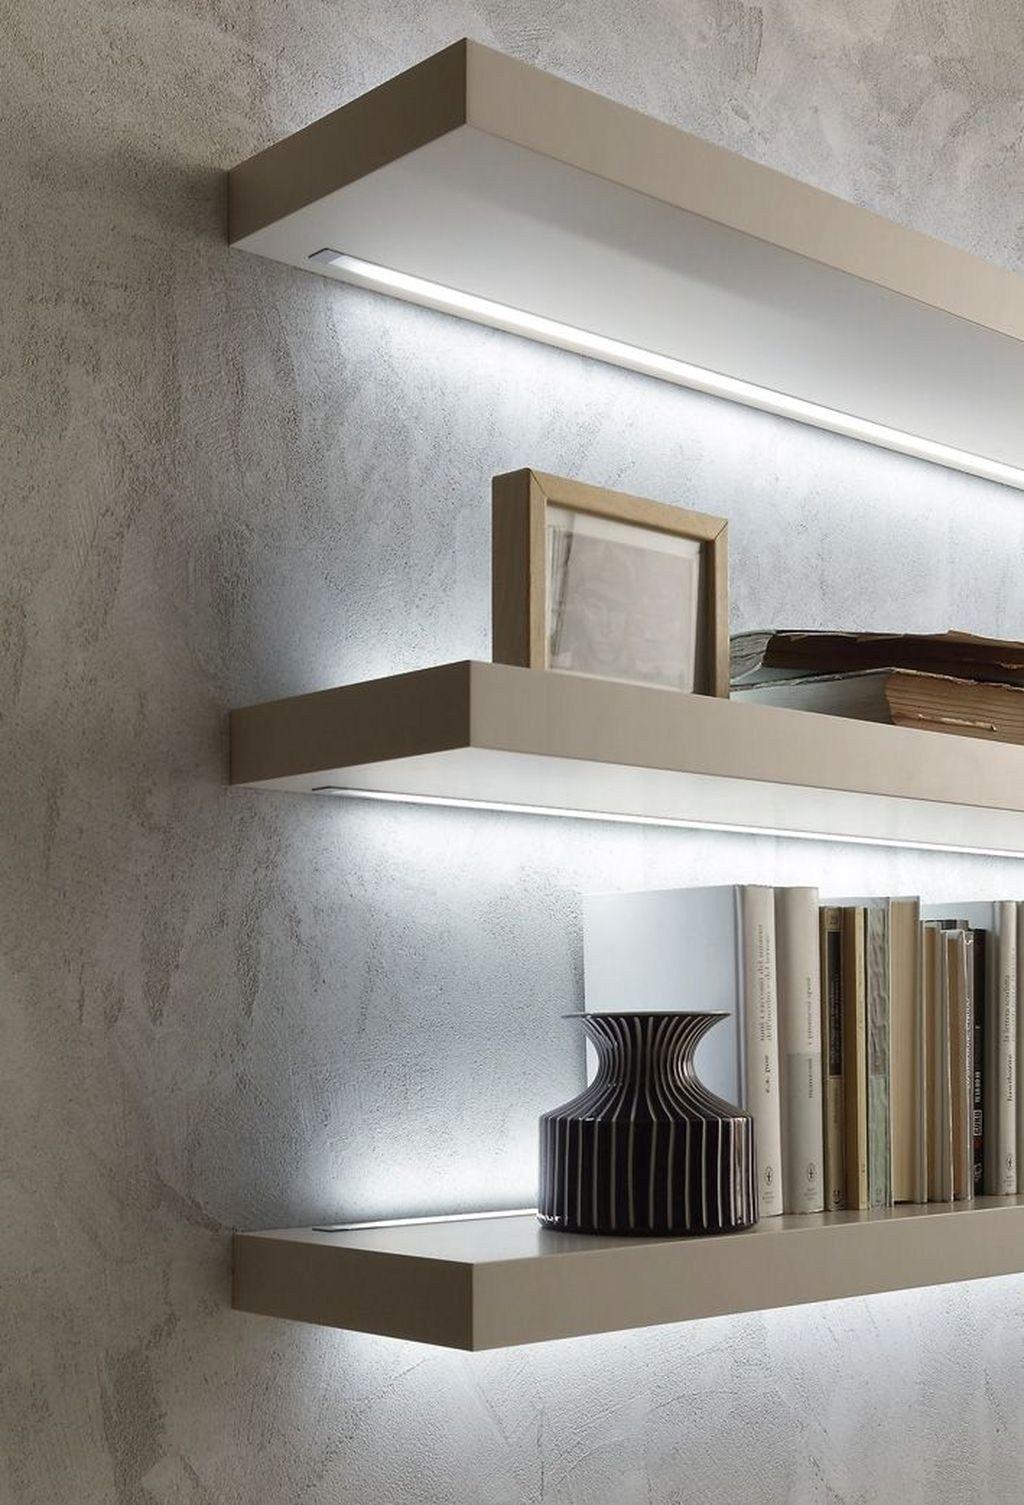 30 Inspirierende Dekorationen Mit Led Lichter 40 Wenn Sie Lieber Einen Mini 30 Insp Em 2020 Projeto De Prateleira Ideias Para Interiores Design De Iluminacao